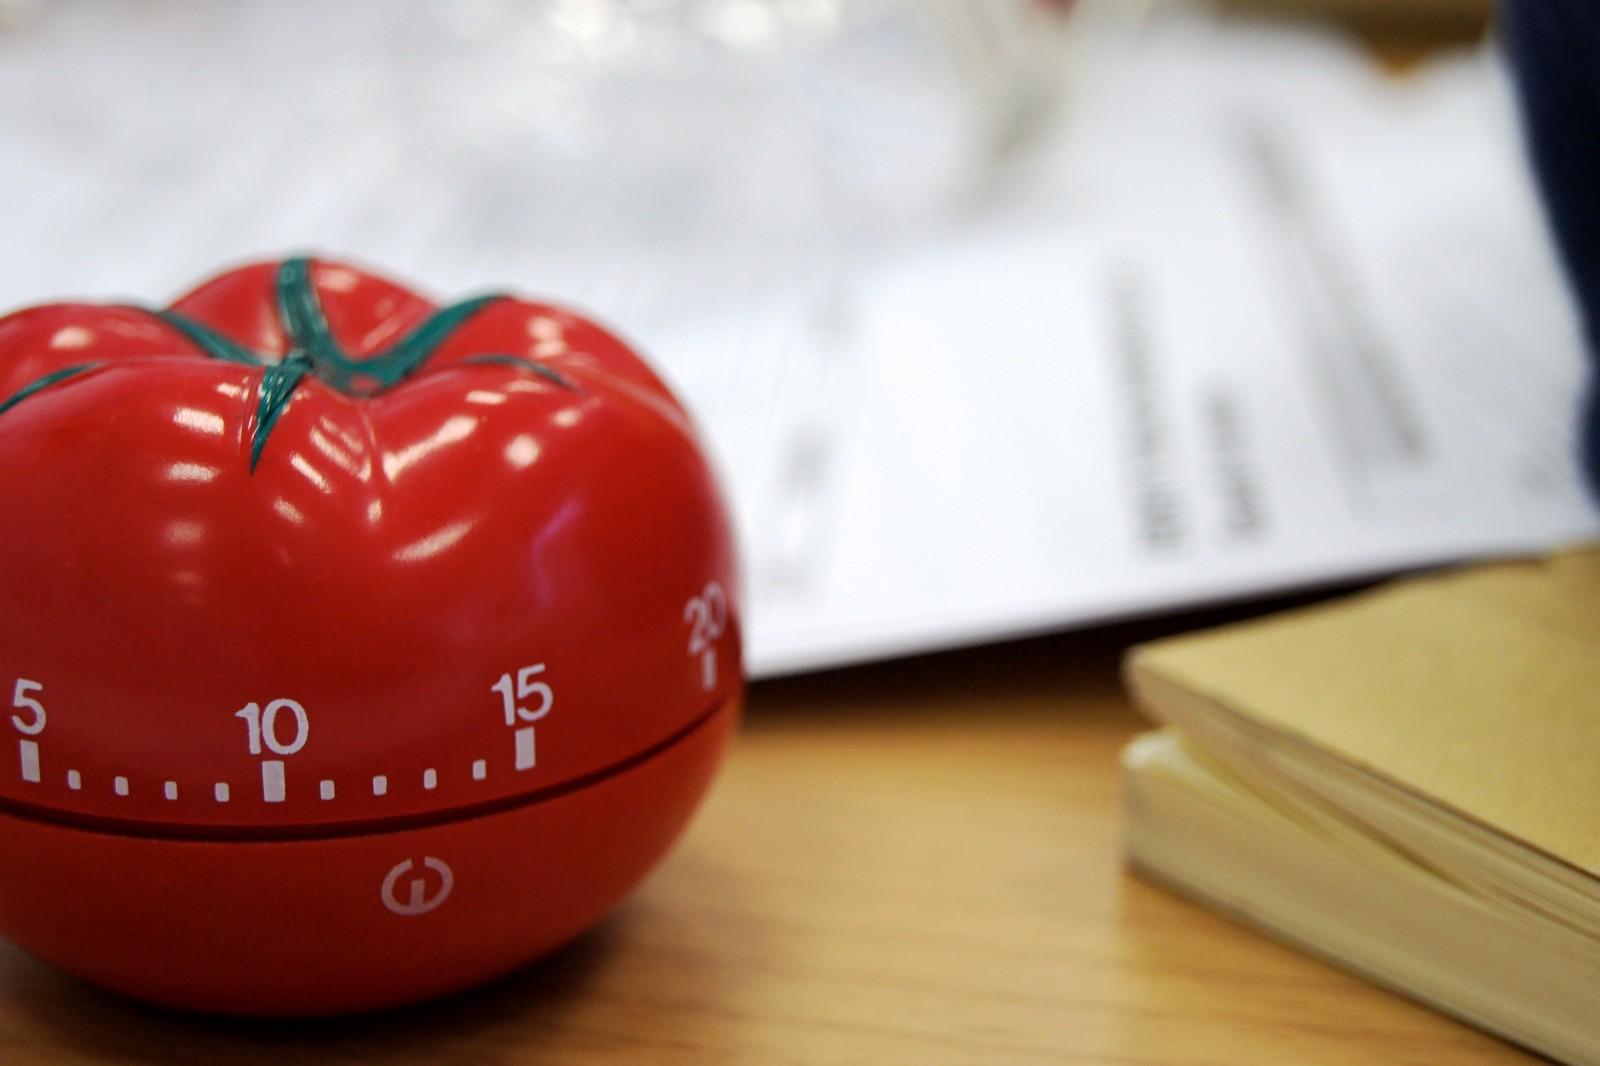 relógio pomodoro